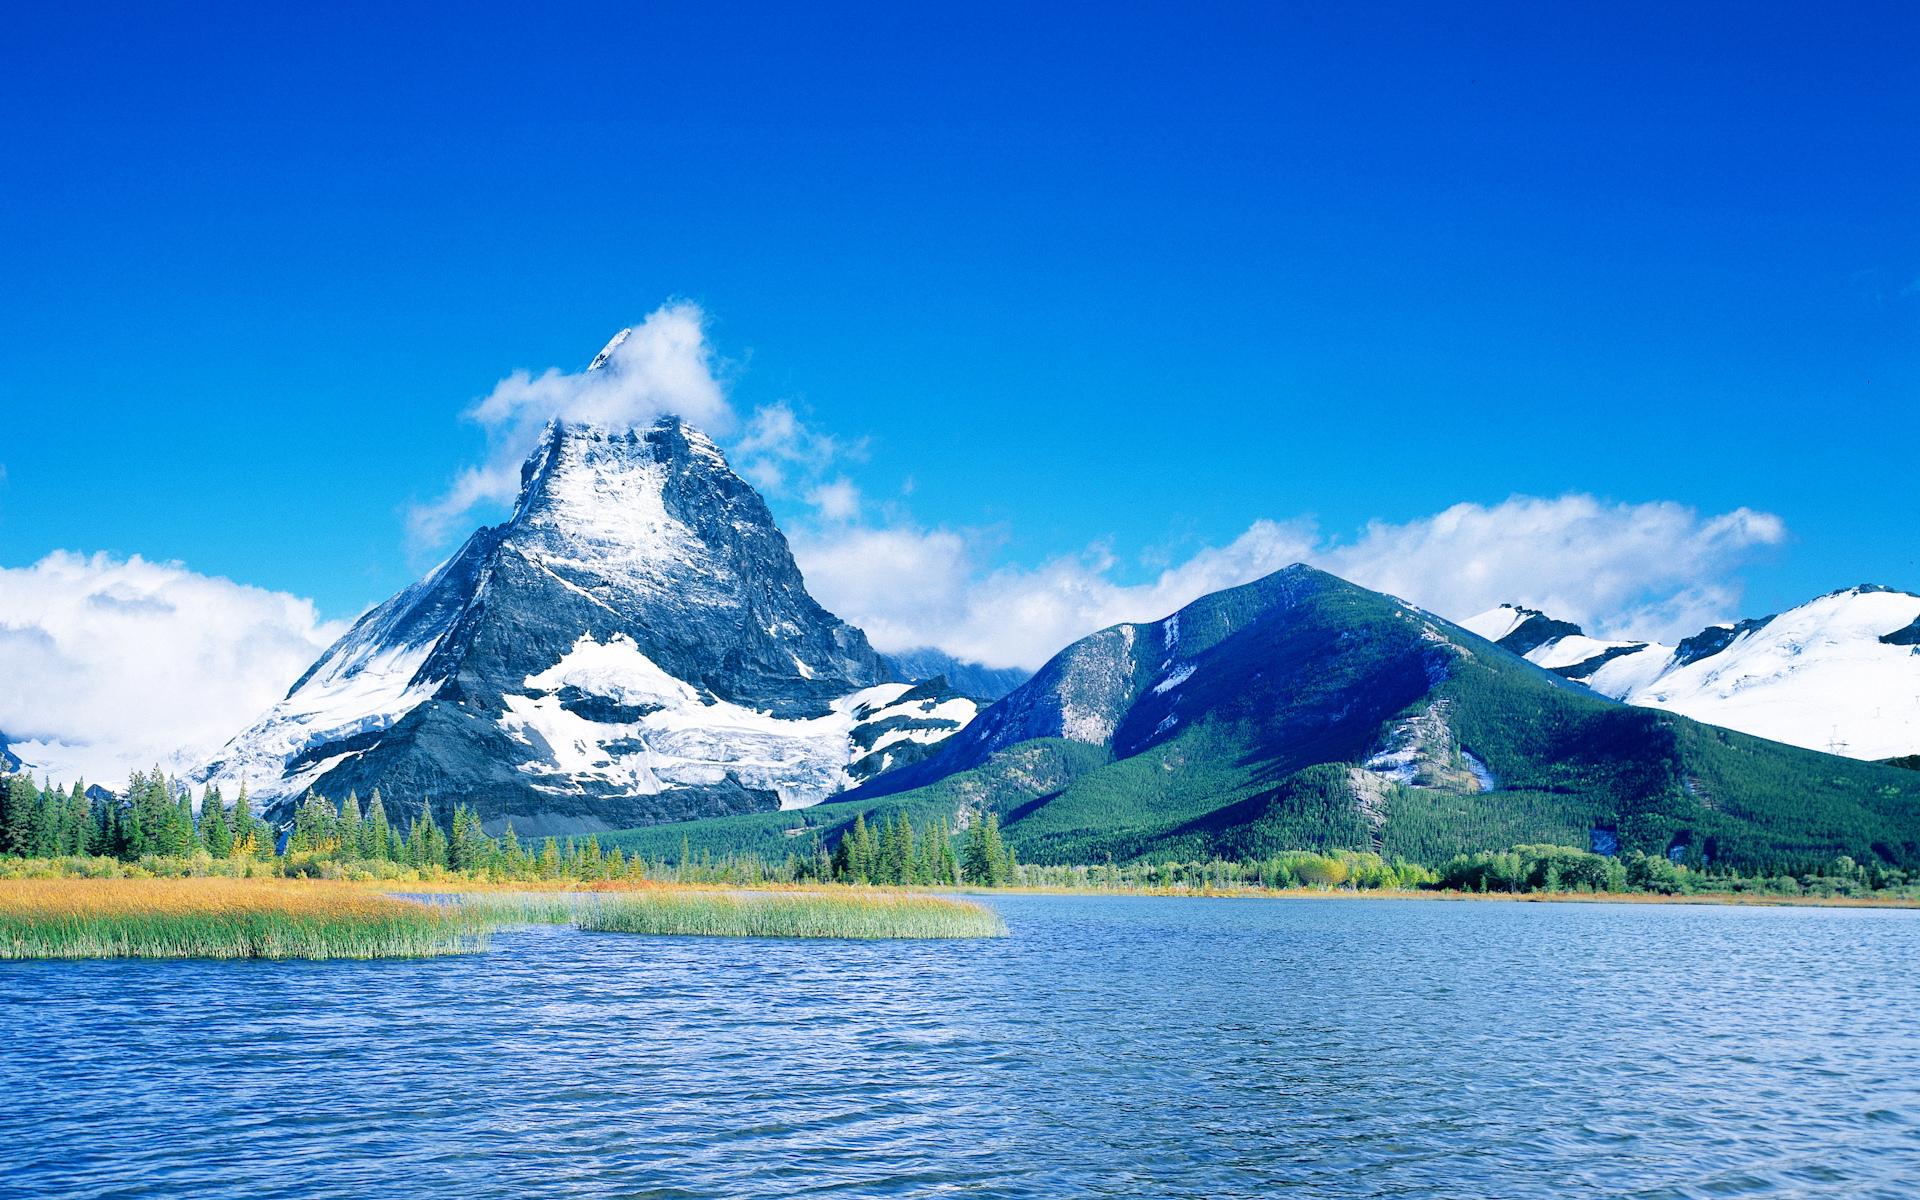 природа горы облака  № 2602201 загрузить